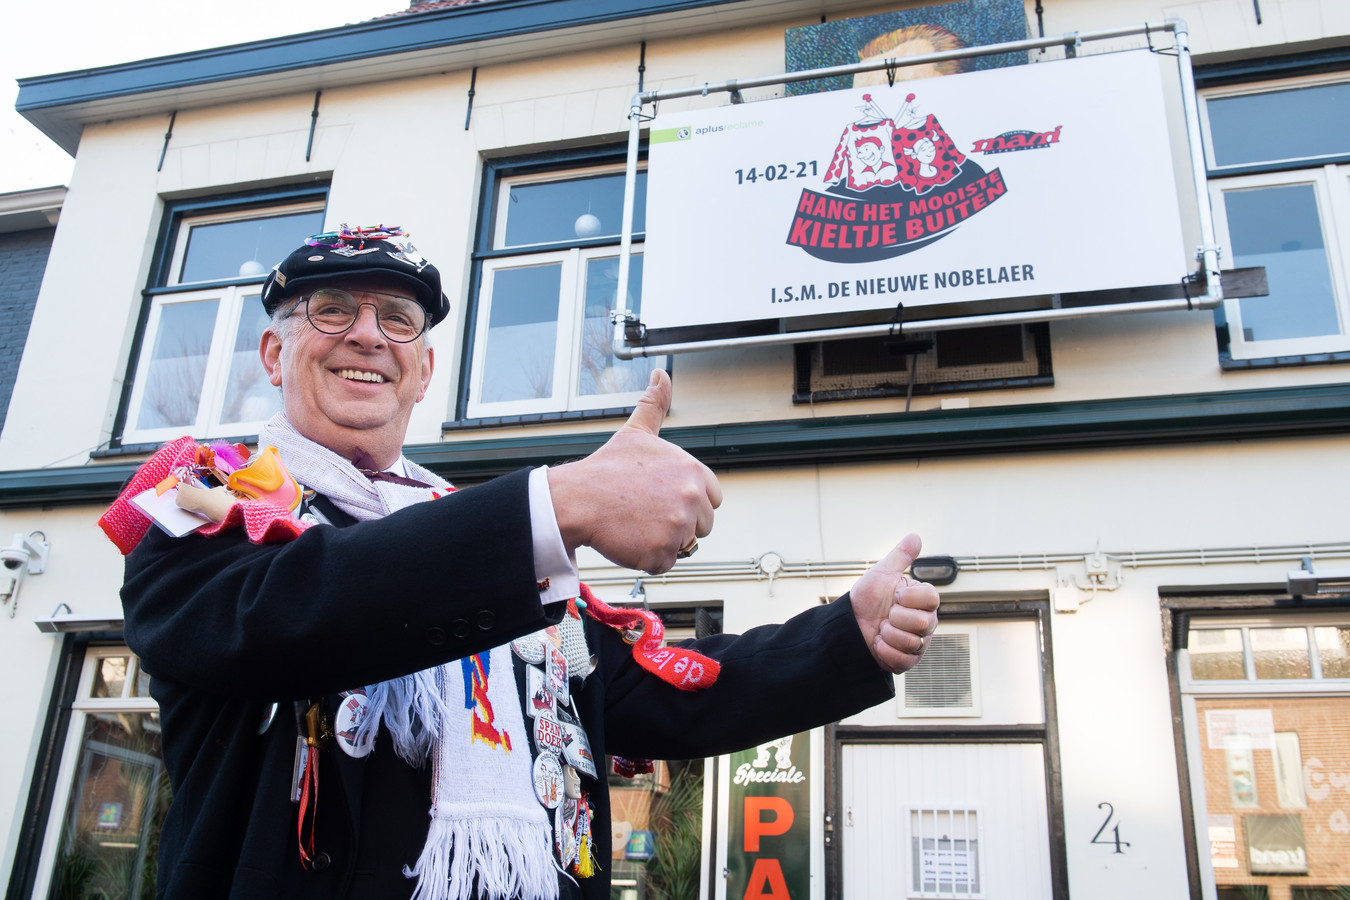 s. René Starink maakt bij café De Klomp de plannen voor het Mami-spektakel 2021 bekend.